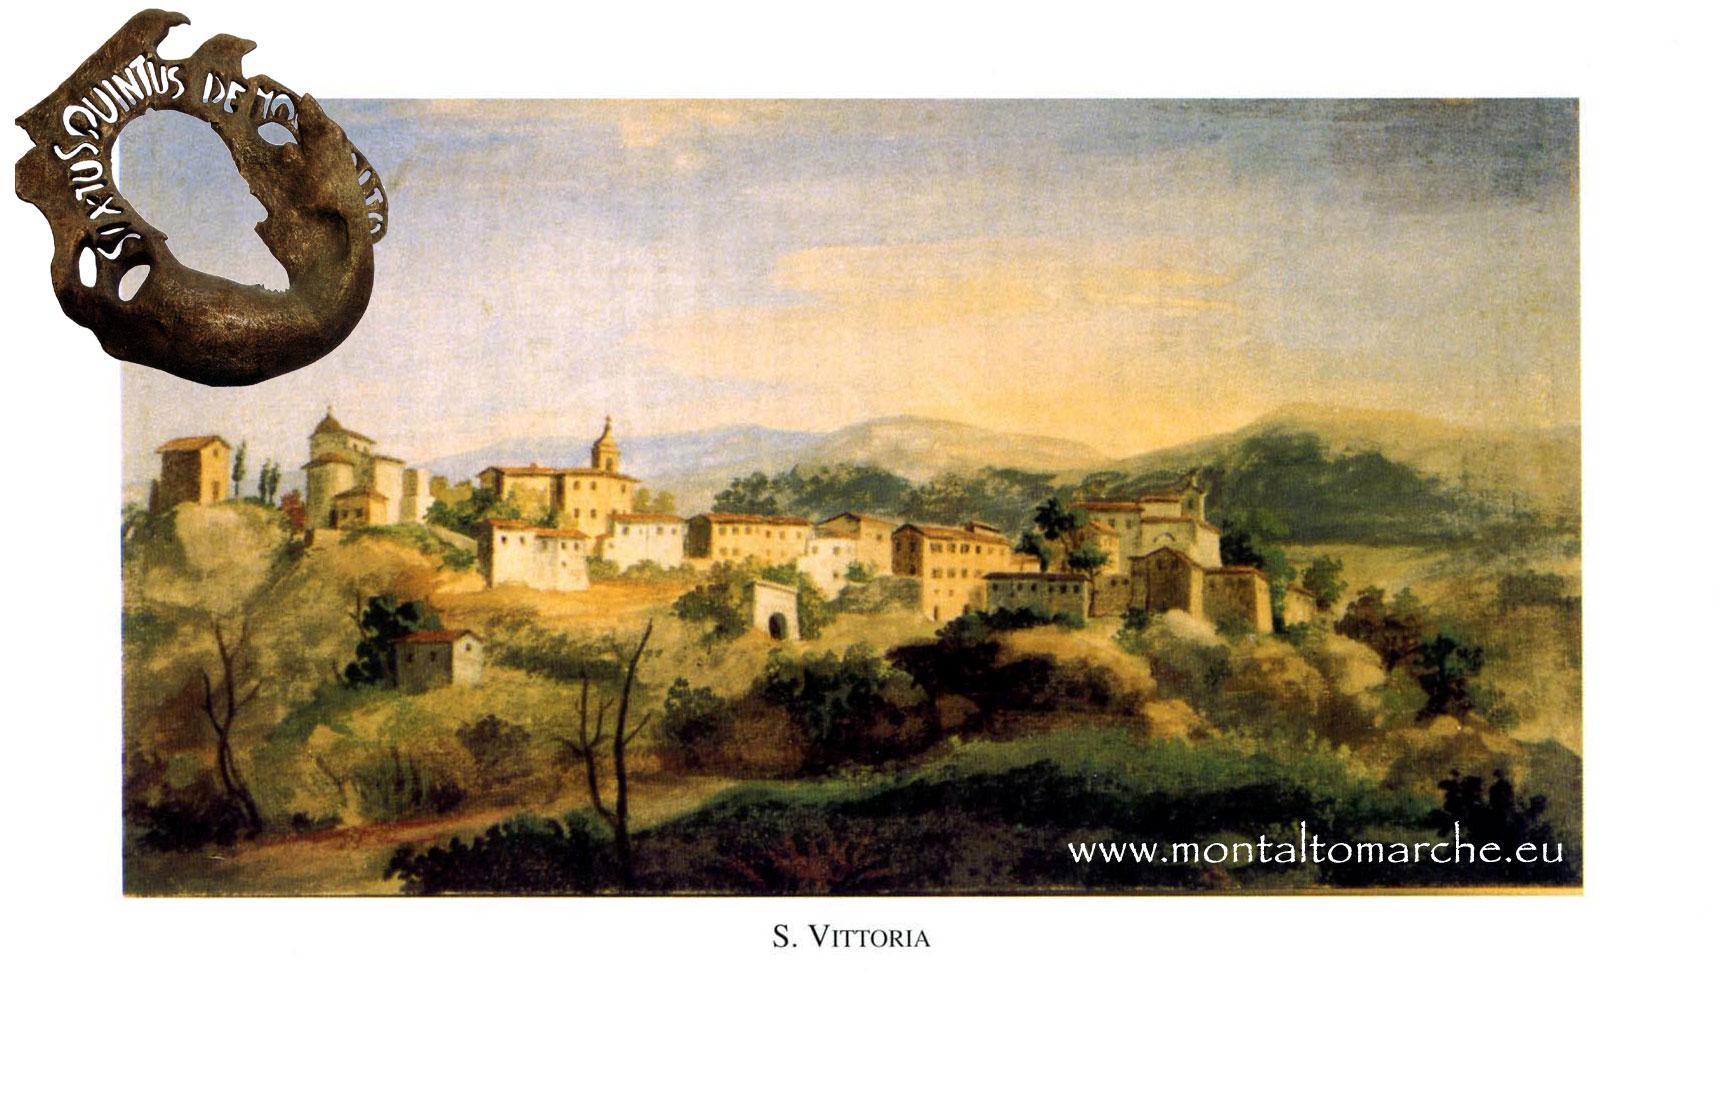 Santa Vittoria in M.